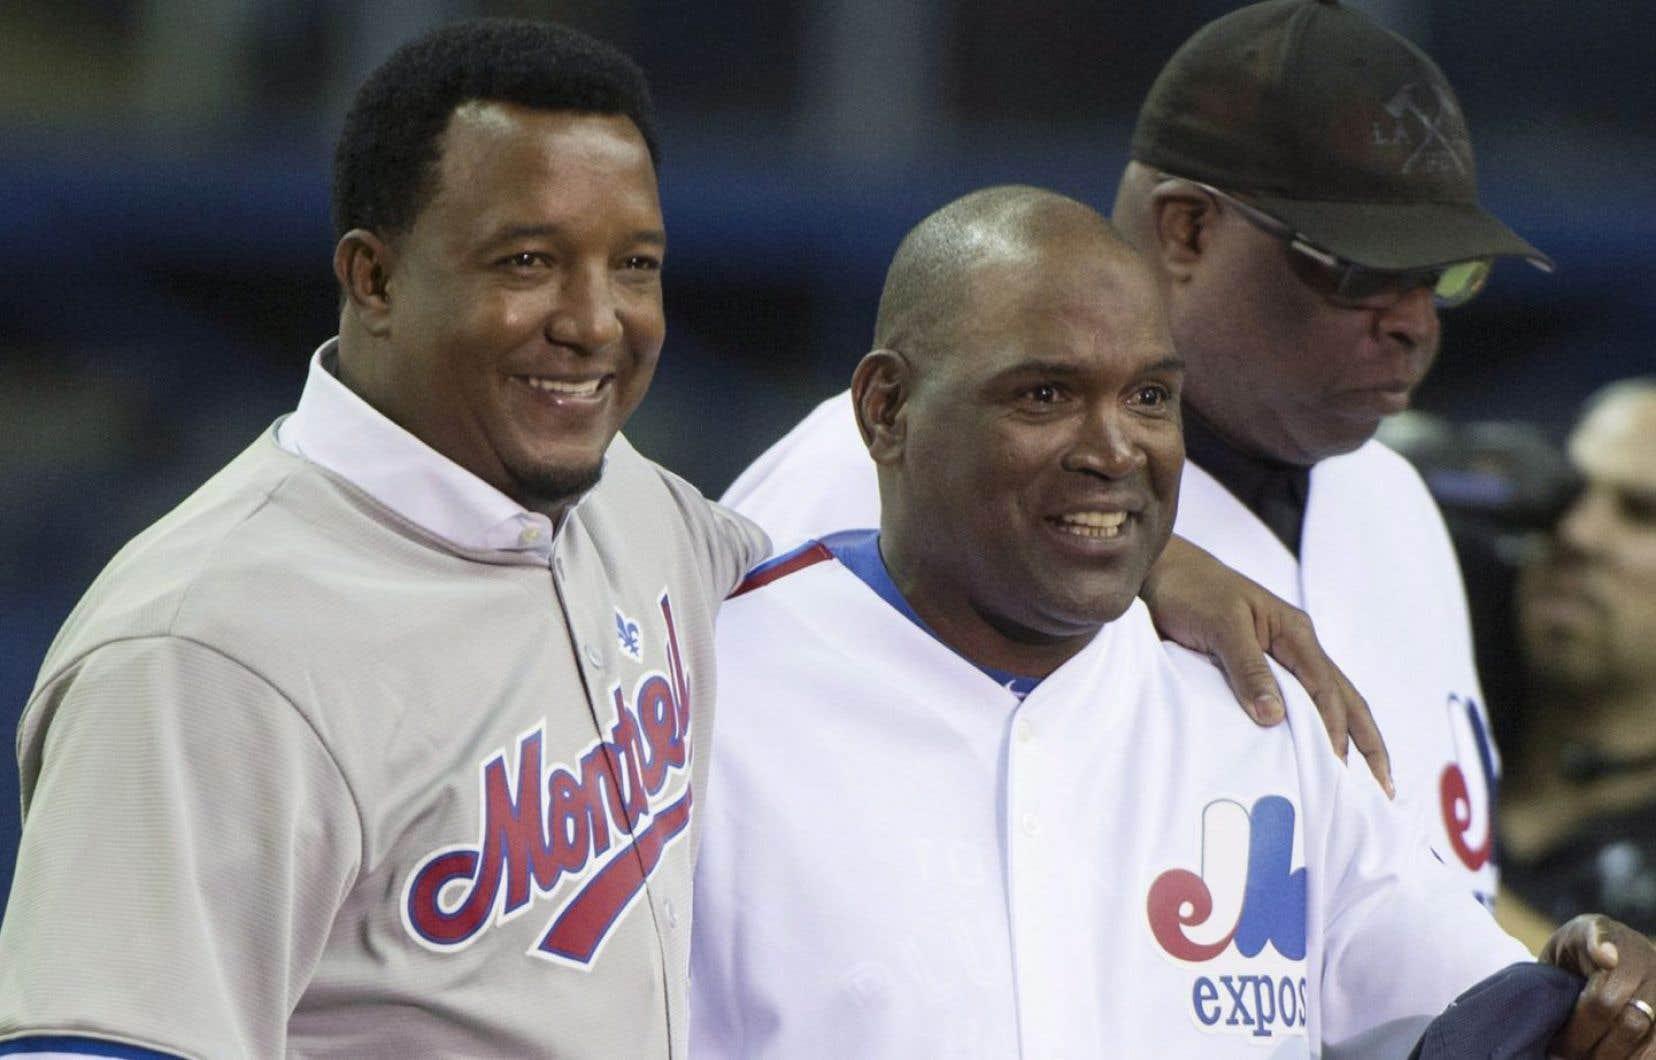 Pedro Martinez et Tim Raines ont été ovationnés par les dizaines de milliers de spectateurs réunis au Stade olympique pour le premier de deux matchs préparatoires mettant aux prises les Blue Jays de Toronto et les Red Sox de Boston.